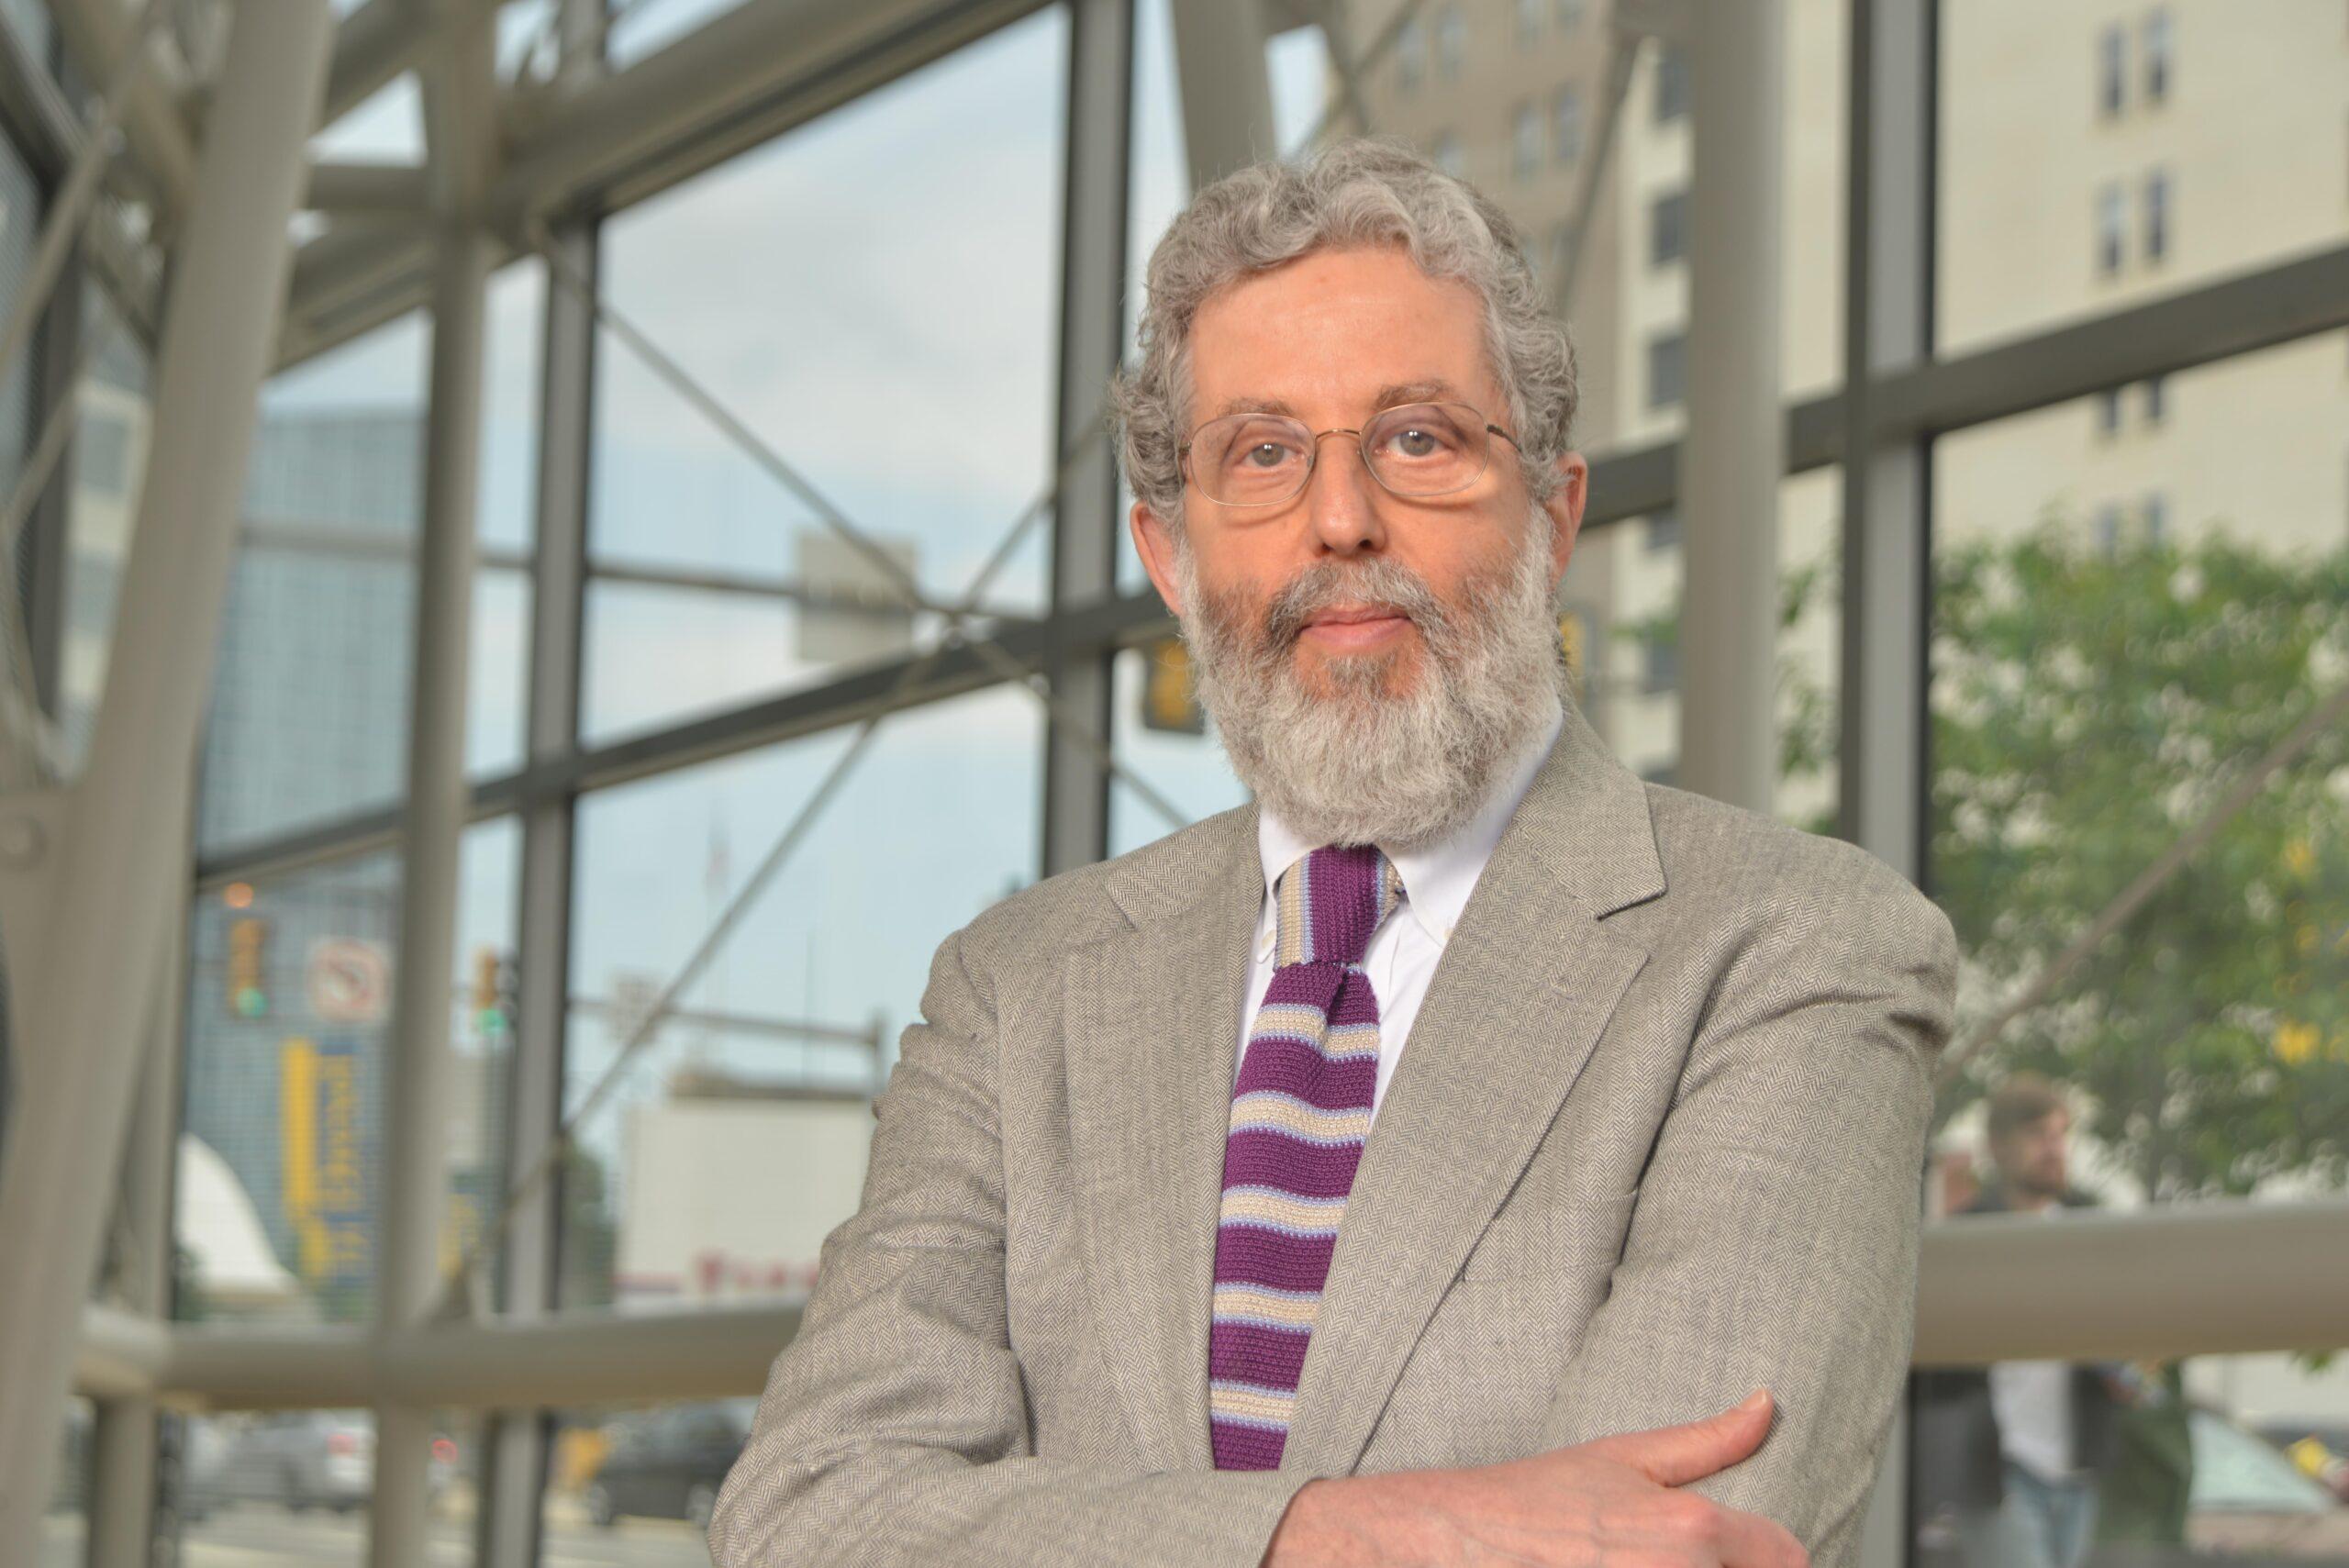 Charles N. Haas